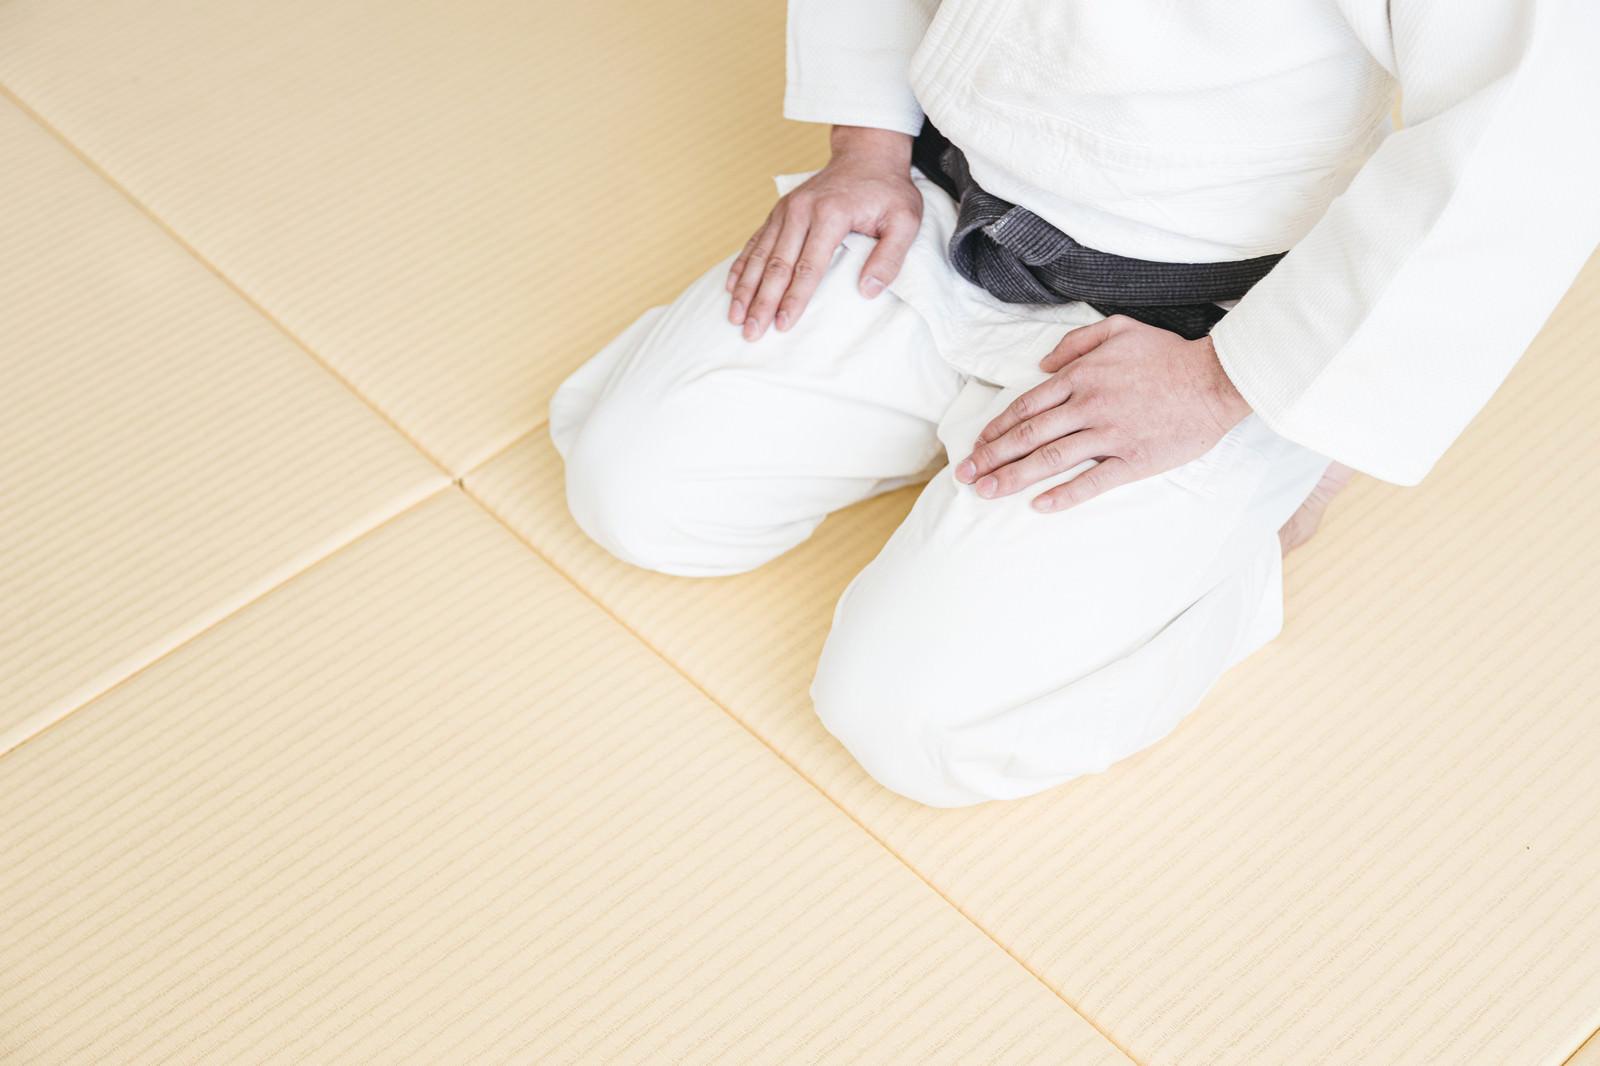 「畳の上で正座する様子(柔道)」の写真[モデル:大川竜弥]